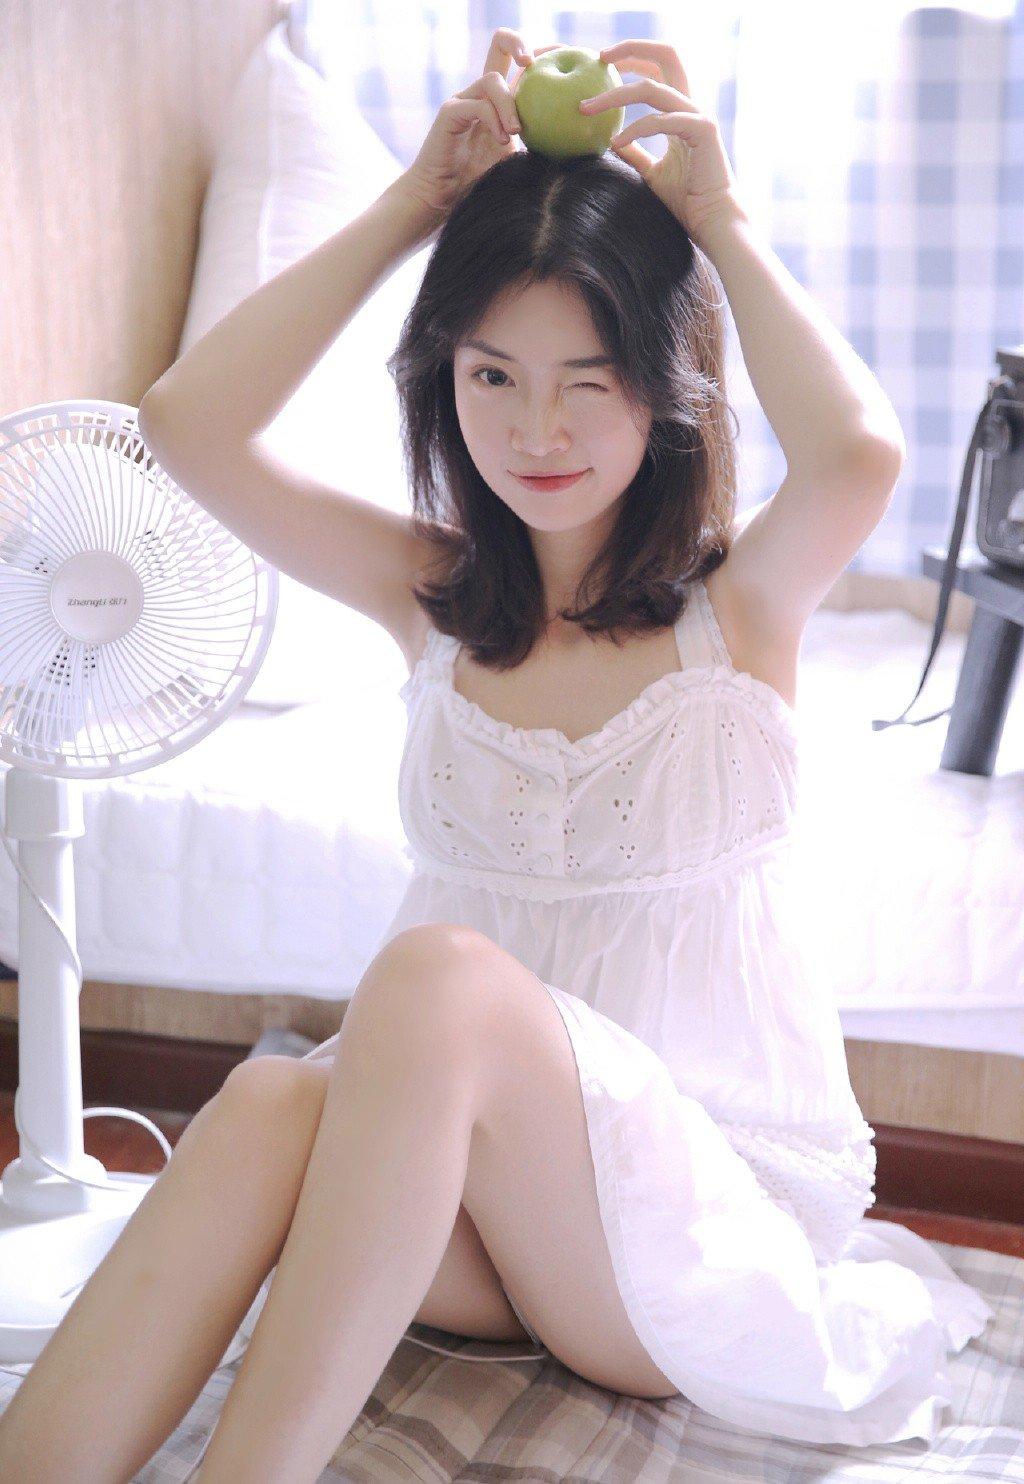 长腿尤物美女丰满诱人大胆写真